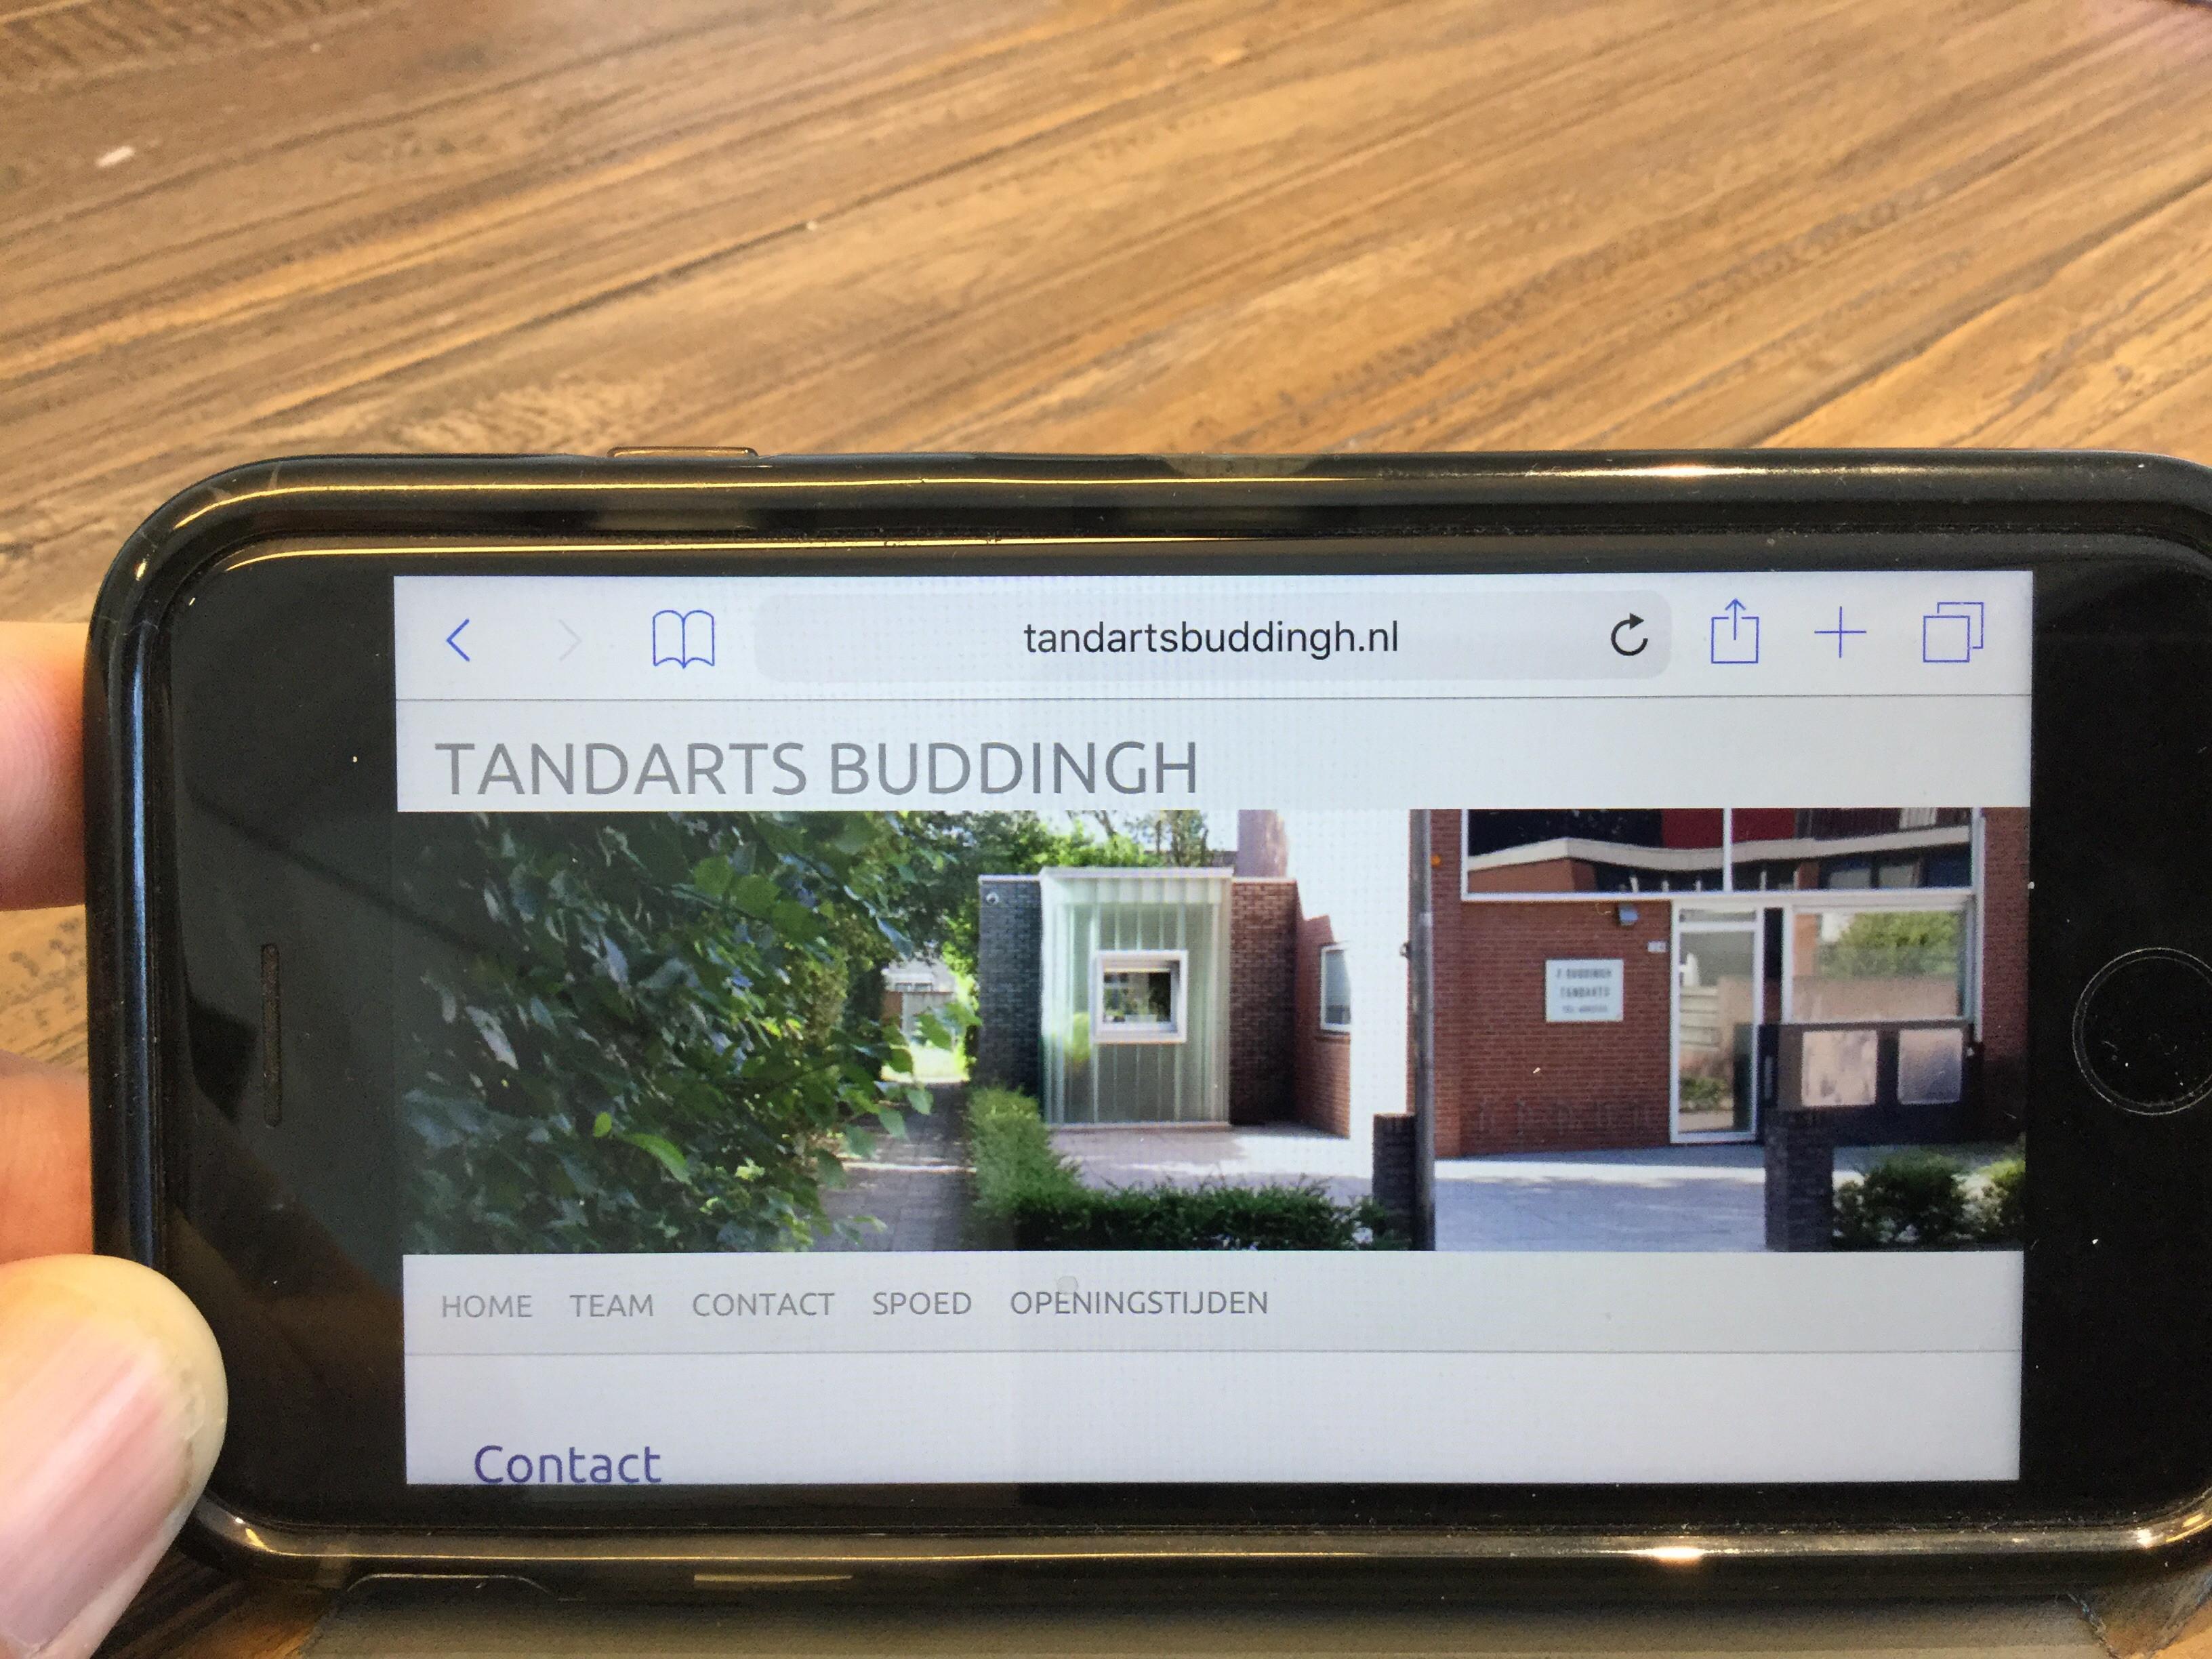 Tandartspraktijk Buddingh Vacature: Tijdelijke waarneming zieke tandarts